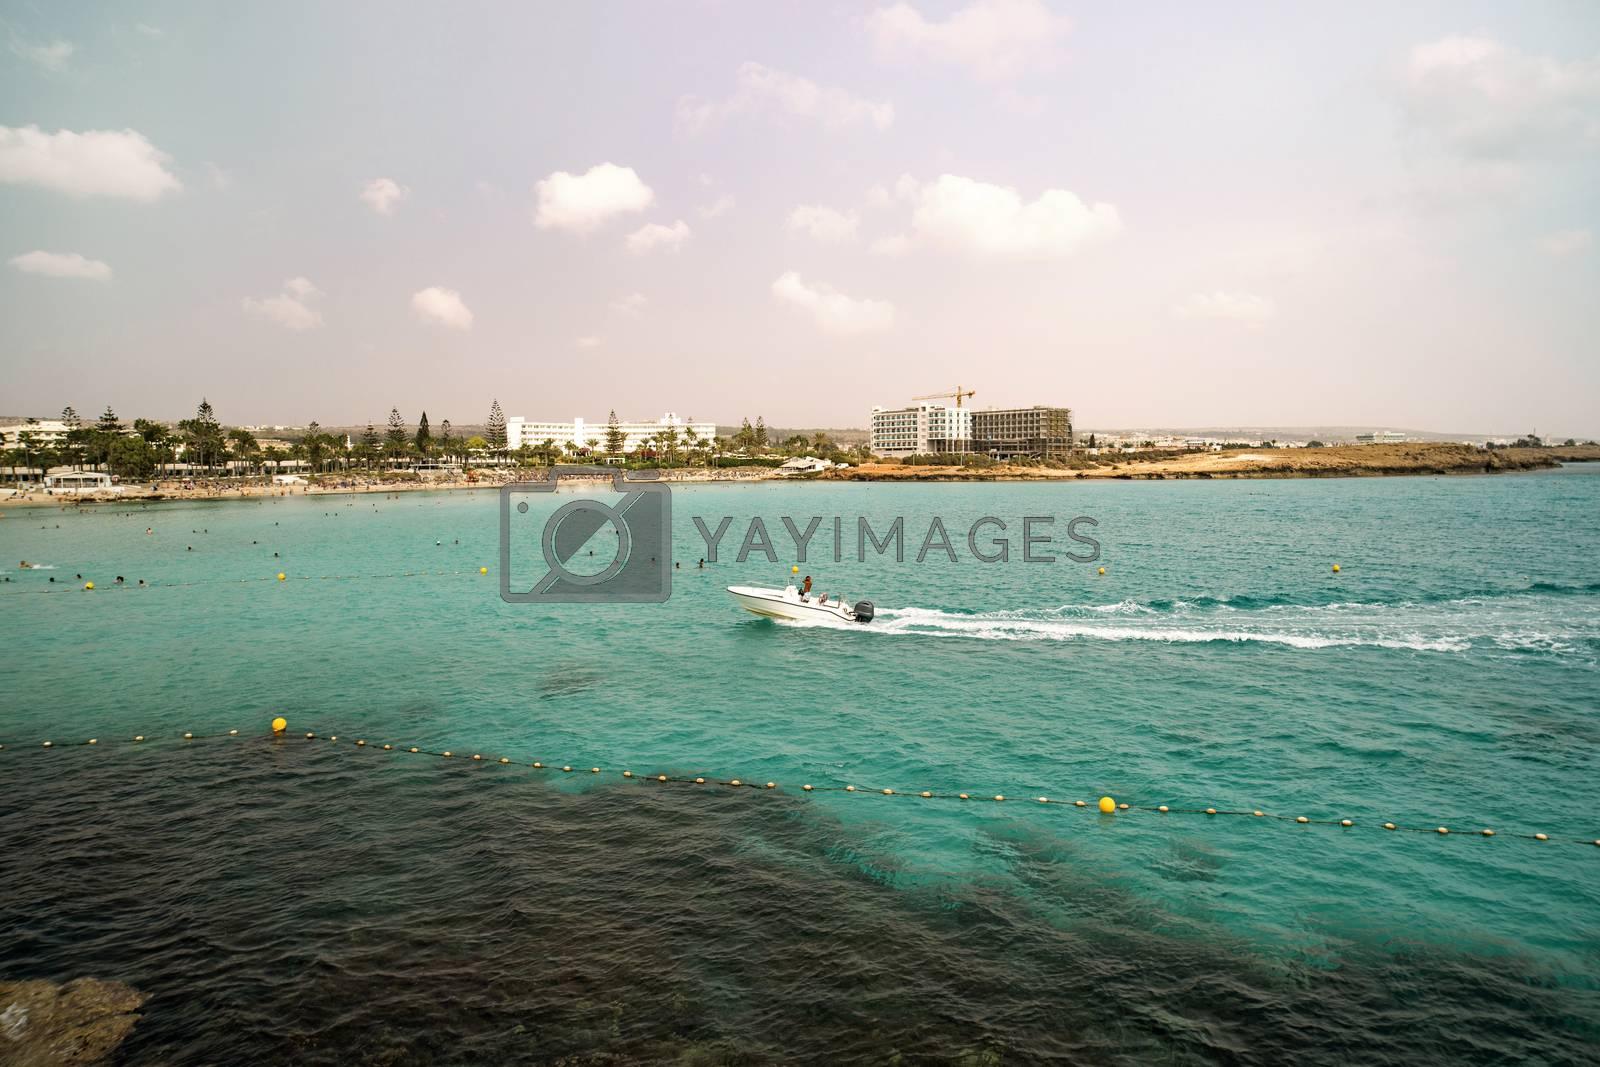 Royalty free image of Beautiful bay sailing boats, Menorca island, Spain by diy13